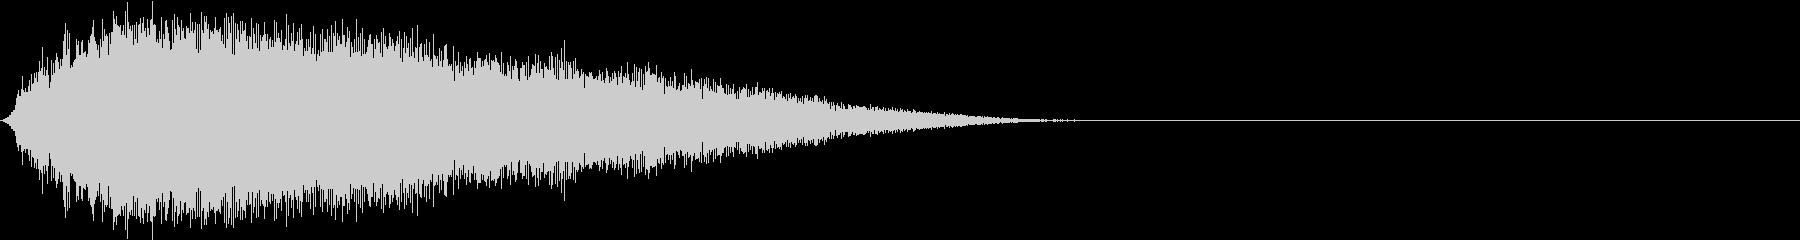 綺麗 不思議 変化 ロゴ タイトル 紹介の未再生の波形